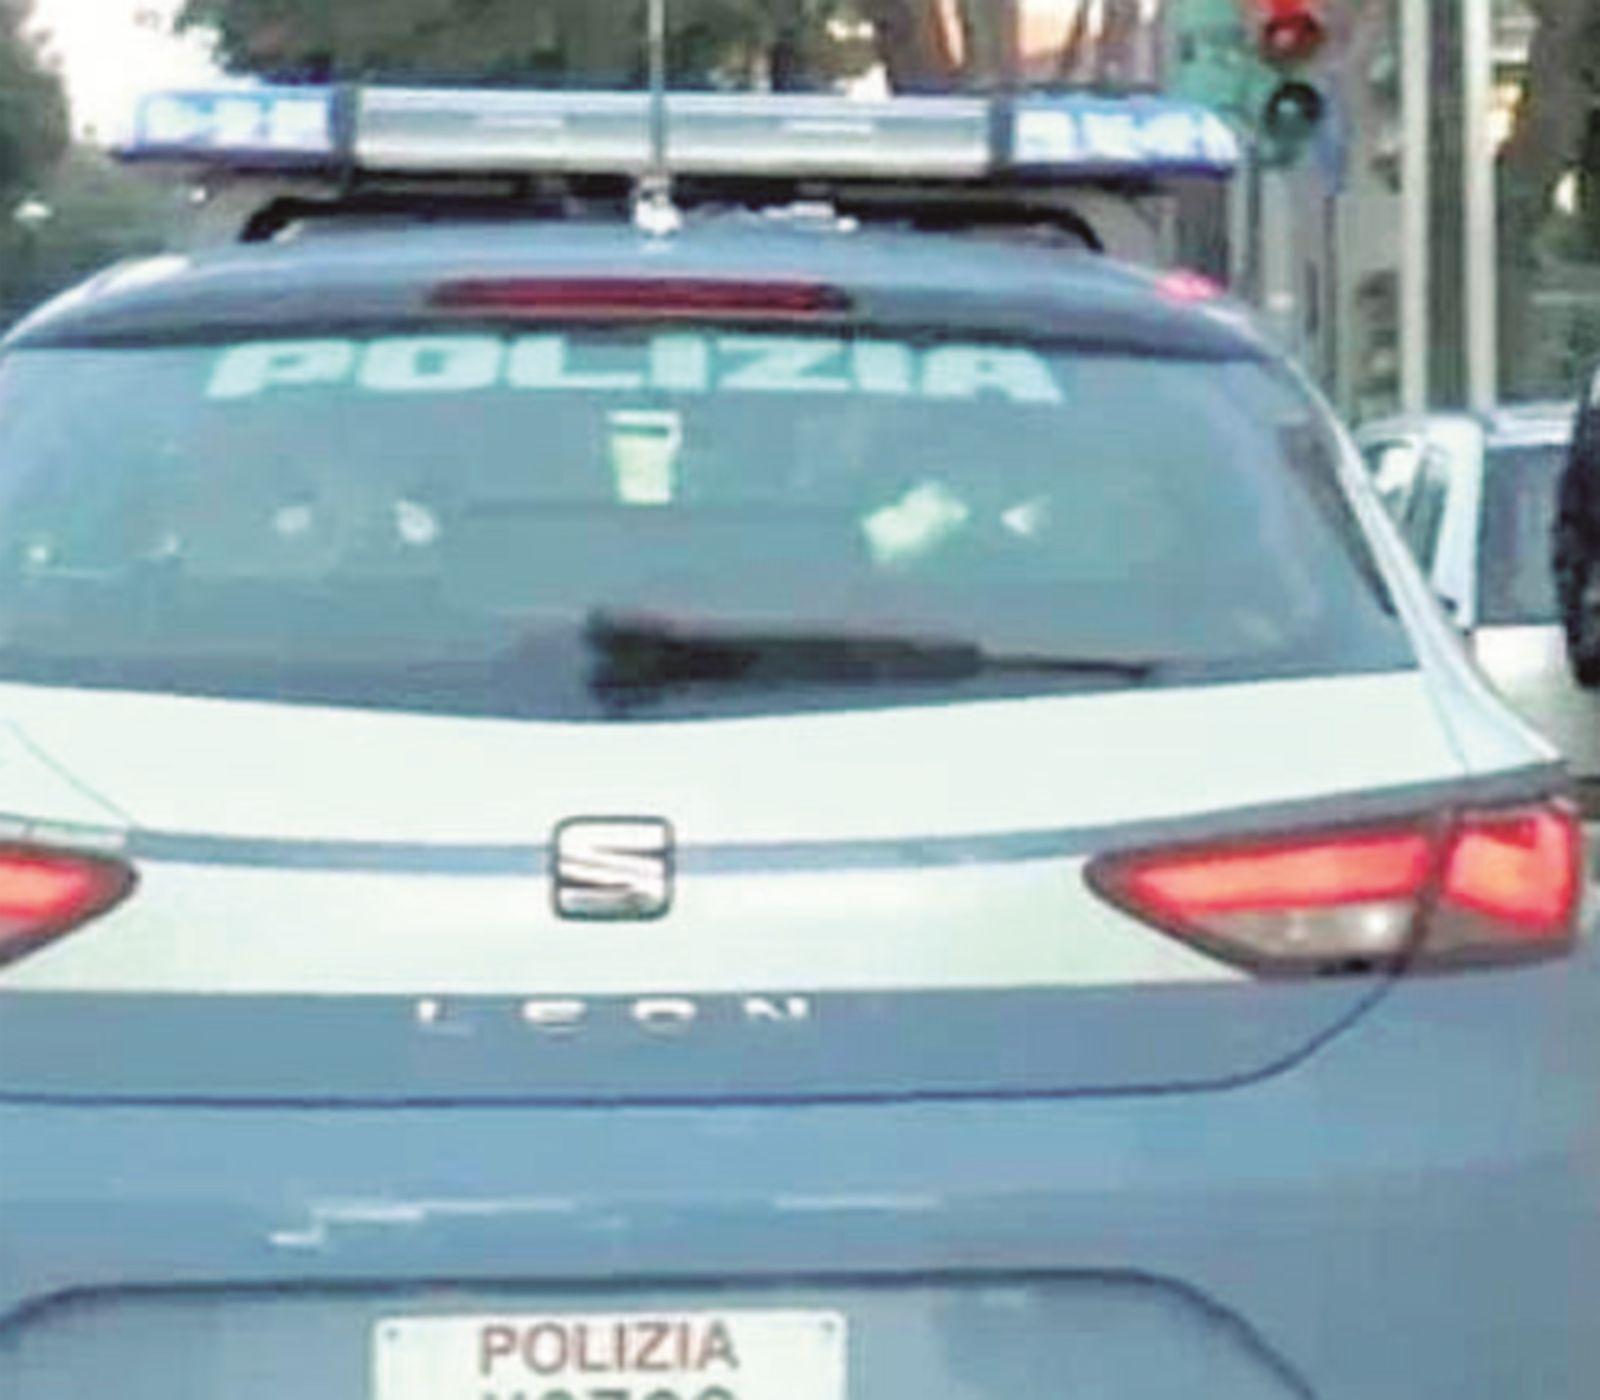 Forlì, preso latitante condannato per violenza sessuale